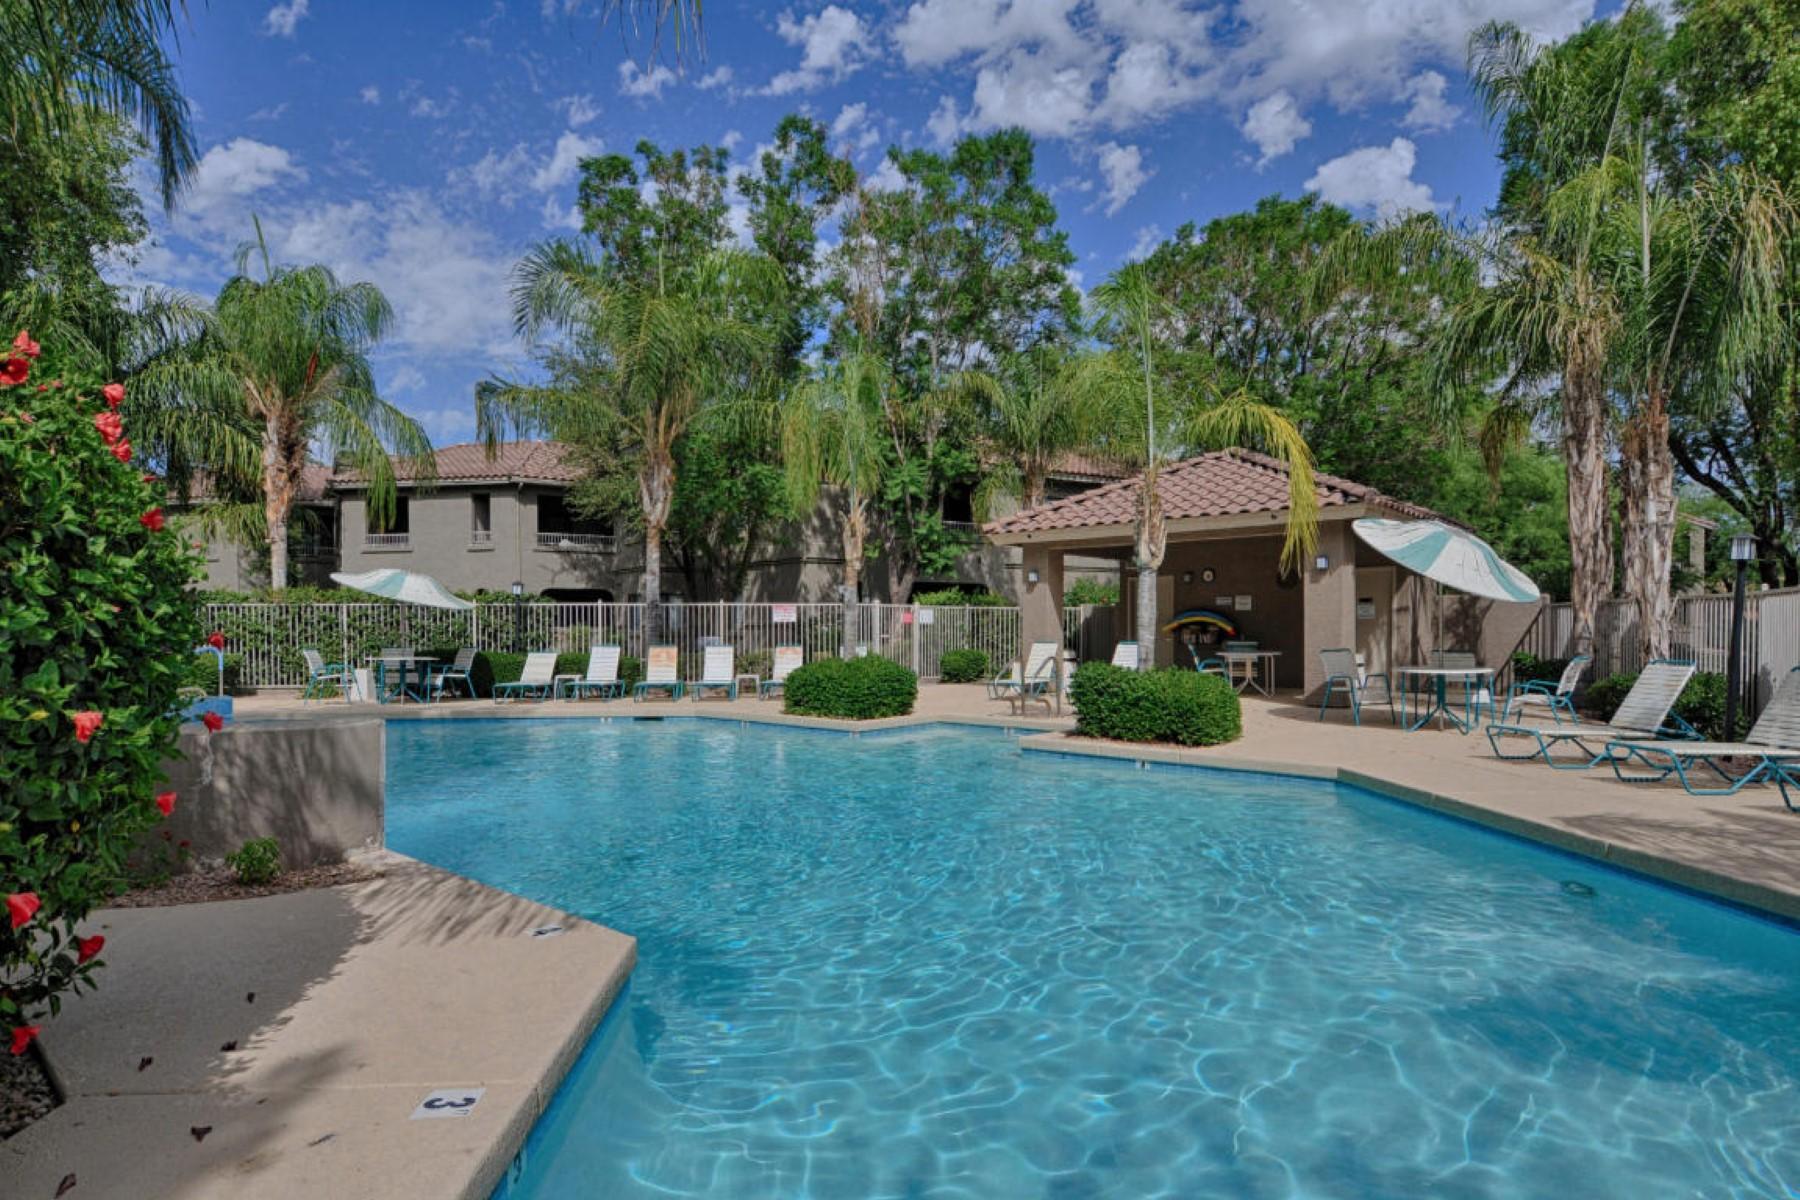 公寓 為 出售 在 Stunning remodel in the gated community of the Villages North 15225 N 100th St #1191 Scottsdale, 亞利桑那州, 85260 美國